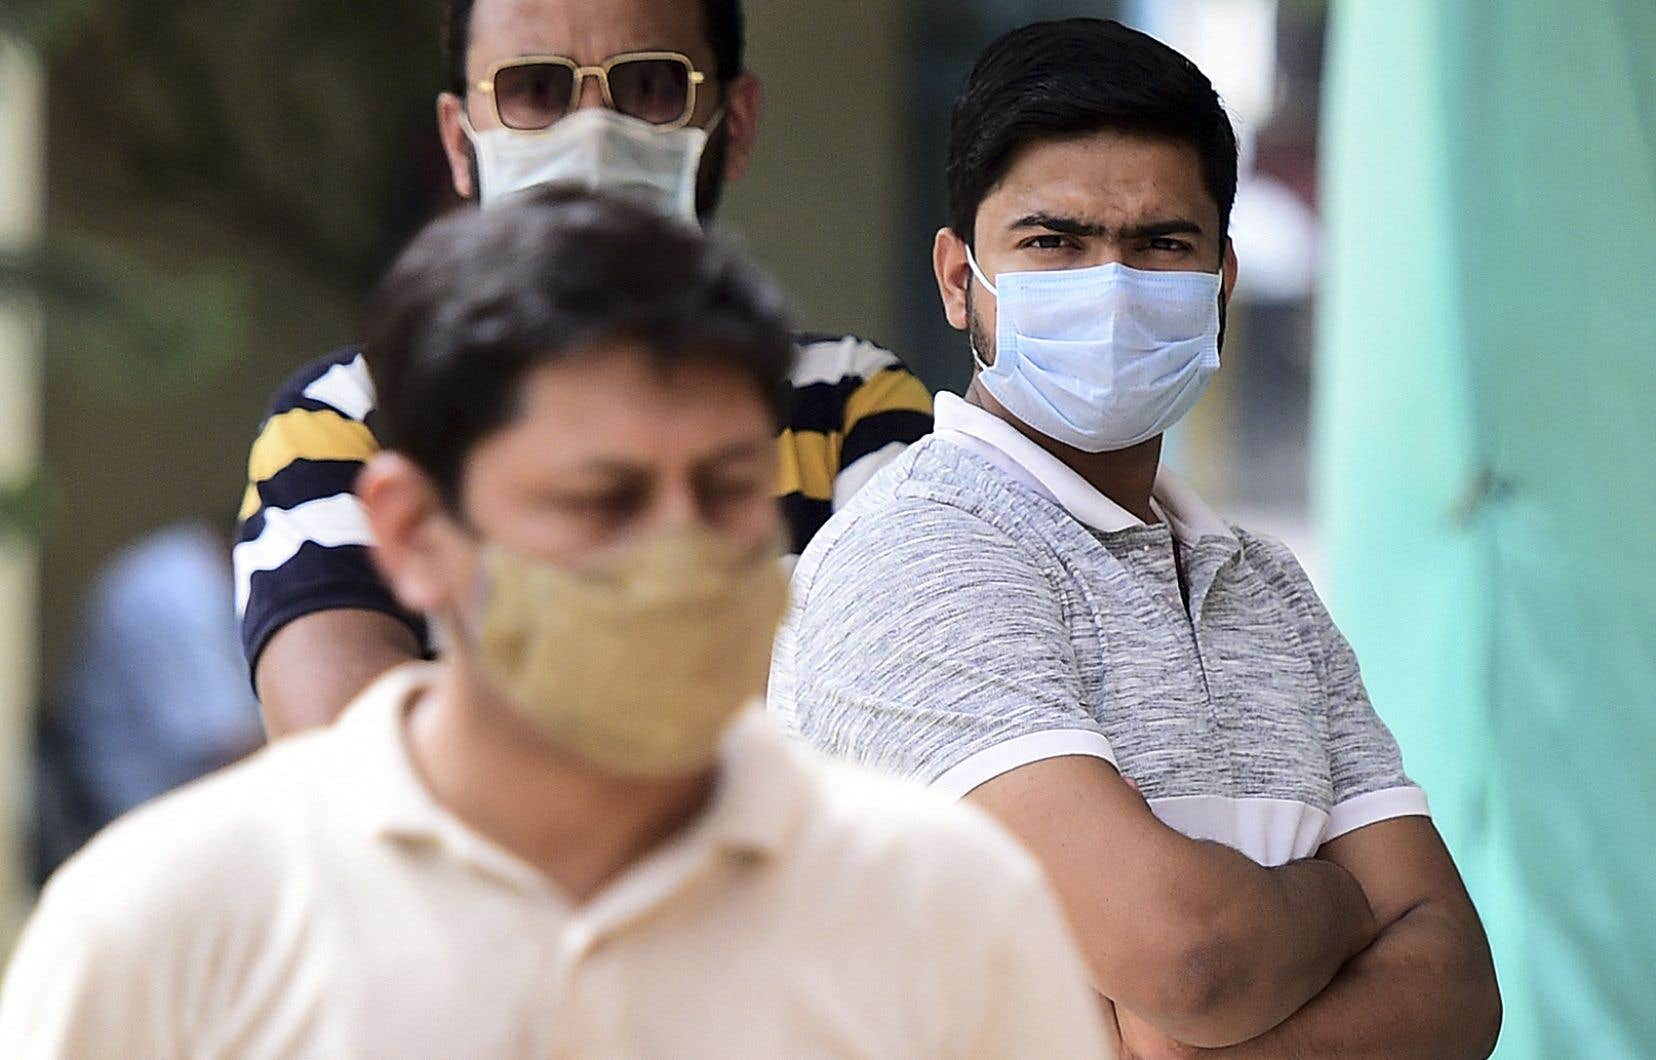 Des gens font la queue pour se faire tester pour la COVID-19 à Allahabad, en Inde, le 15 avril 2021.